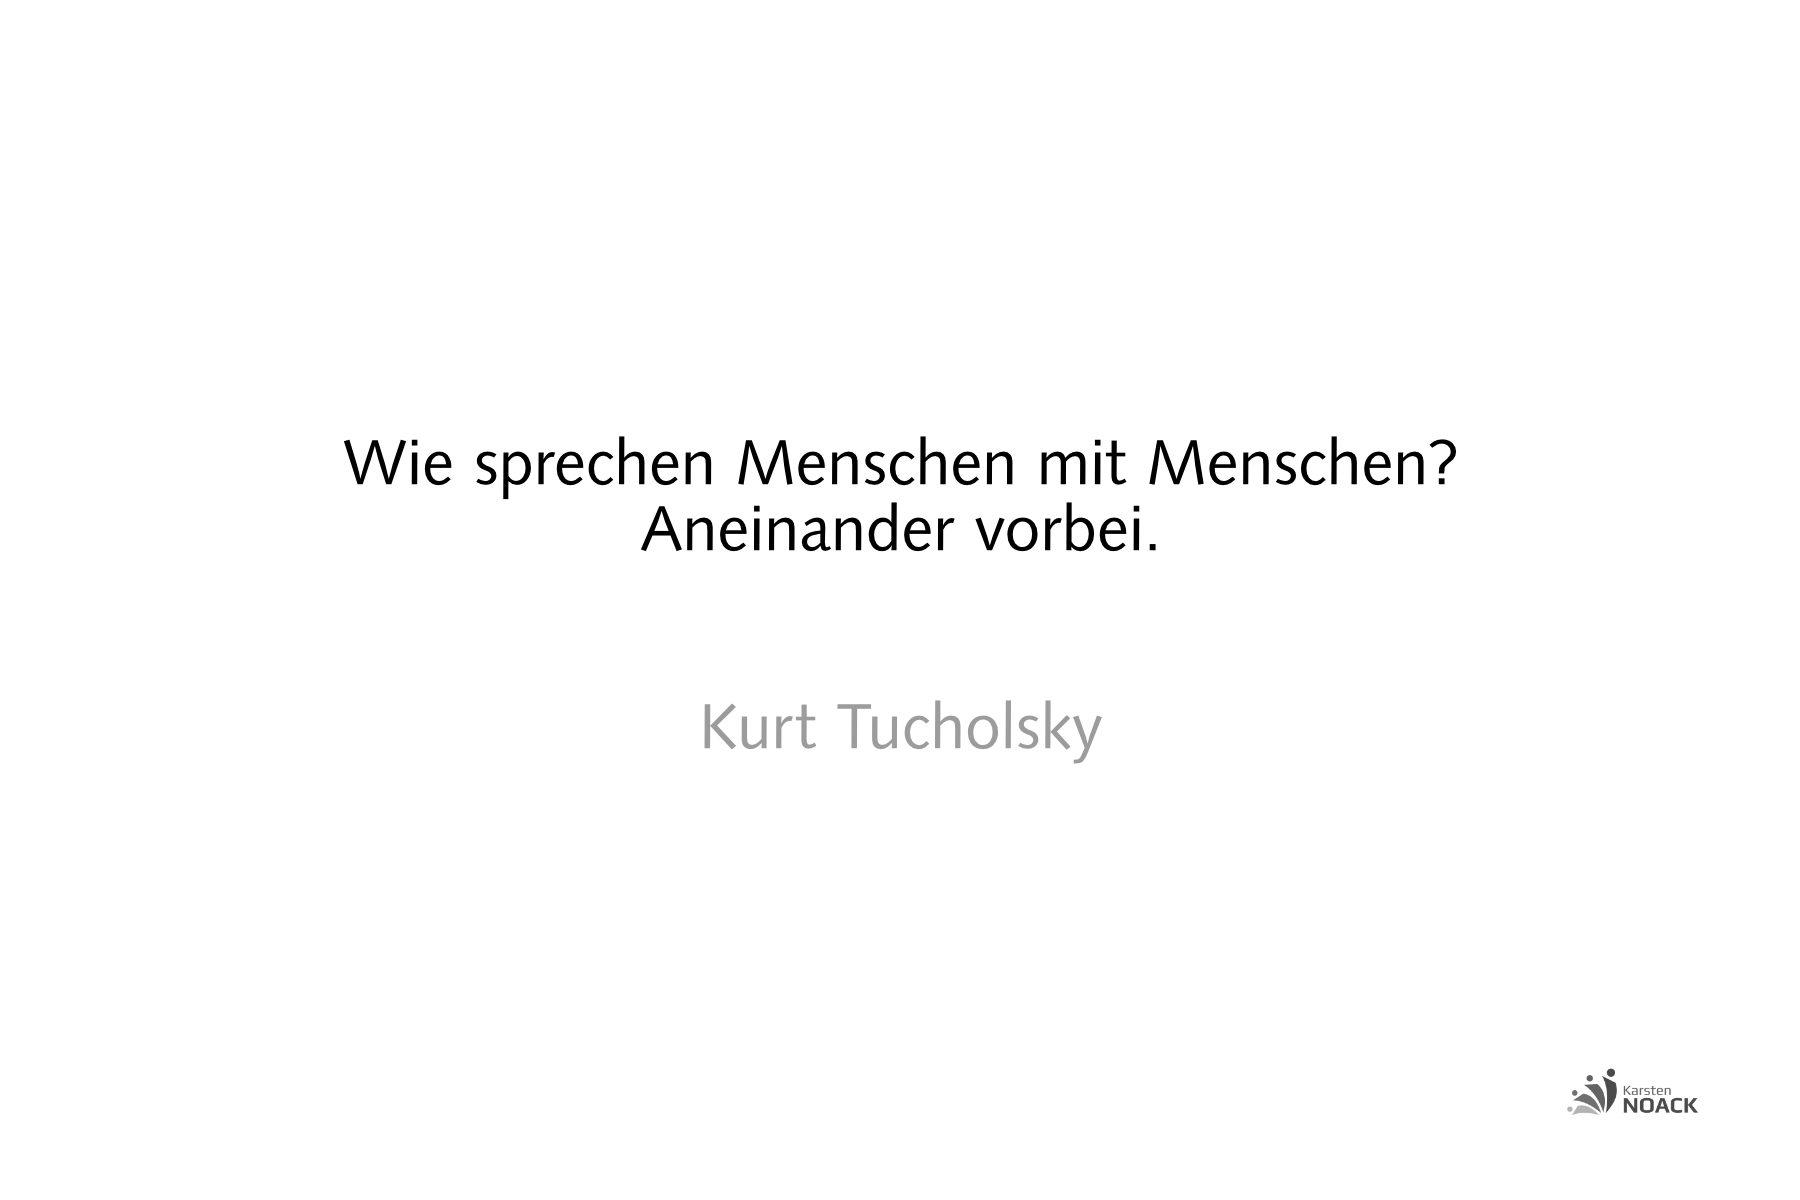 Wie sprechen Menschen mit Menschen? Aneinander vorbei. Kurt Tucholsky